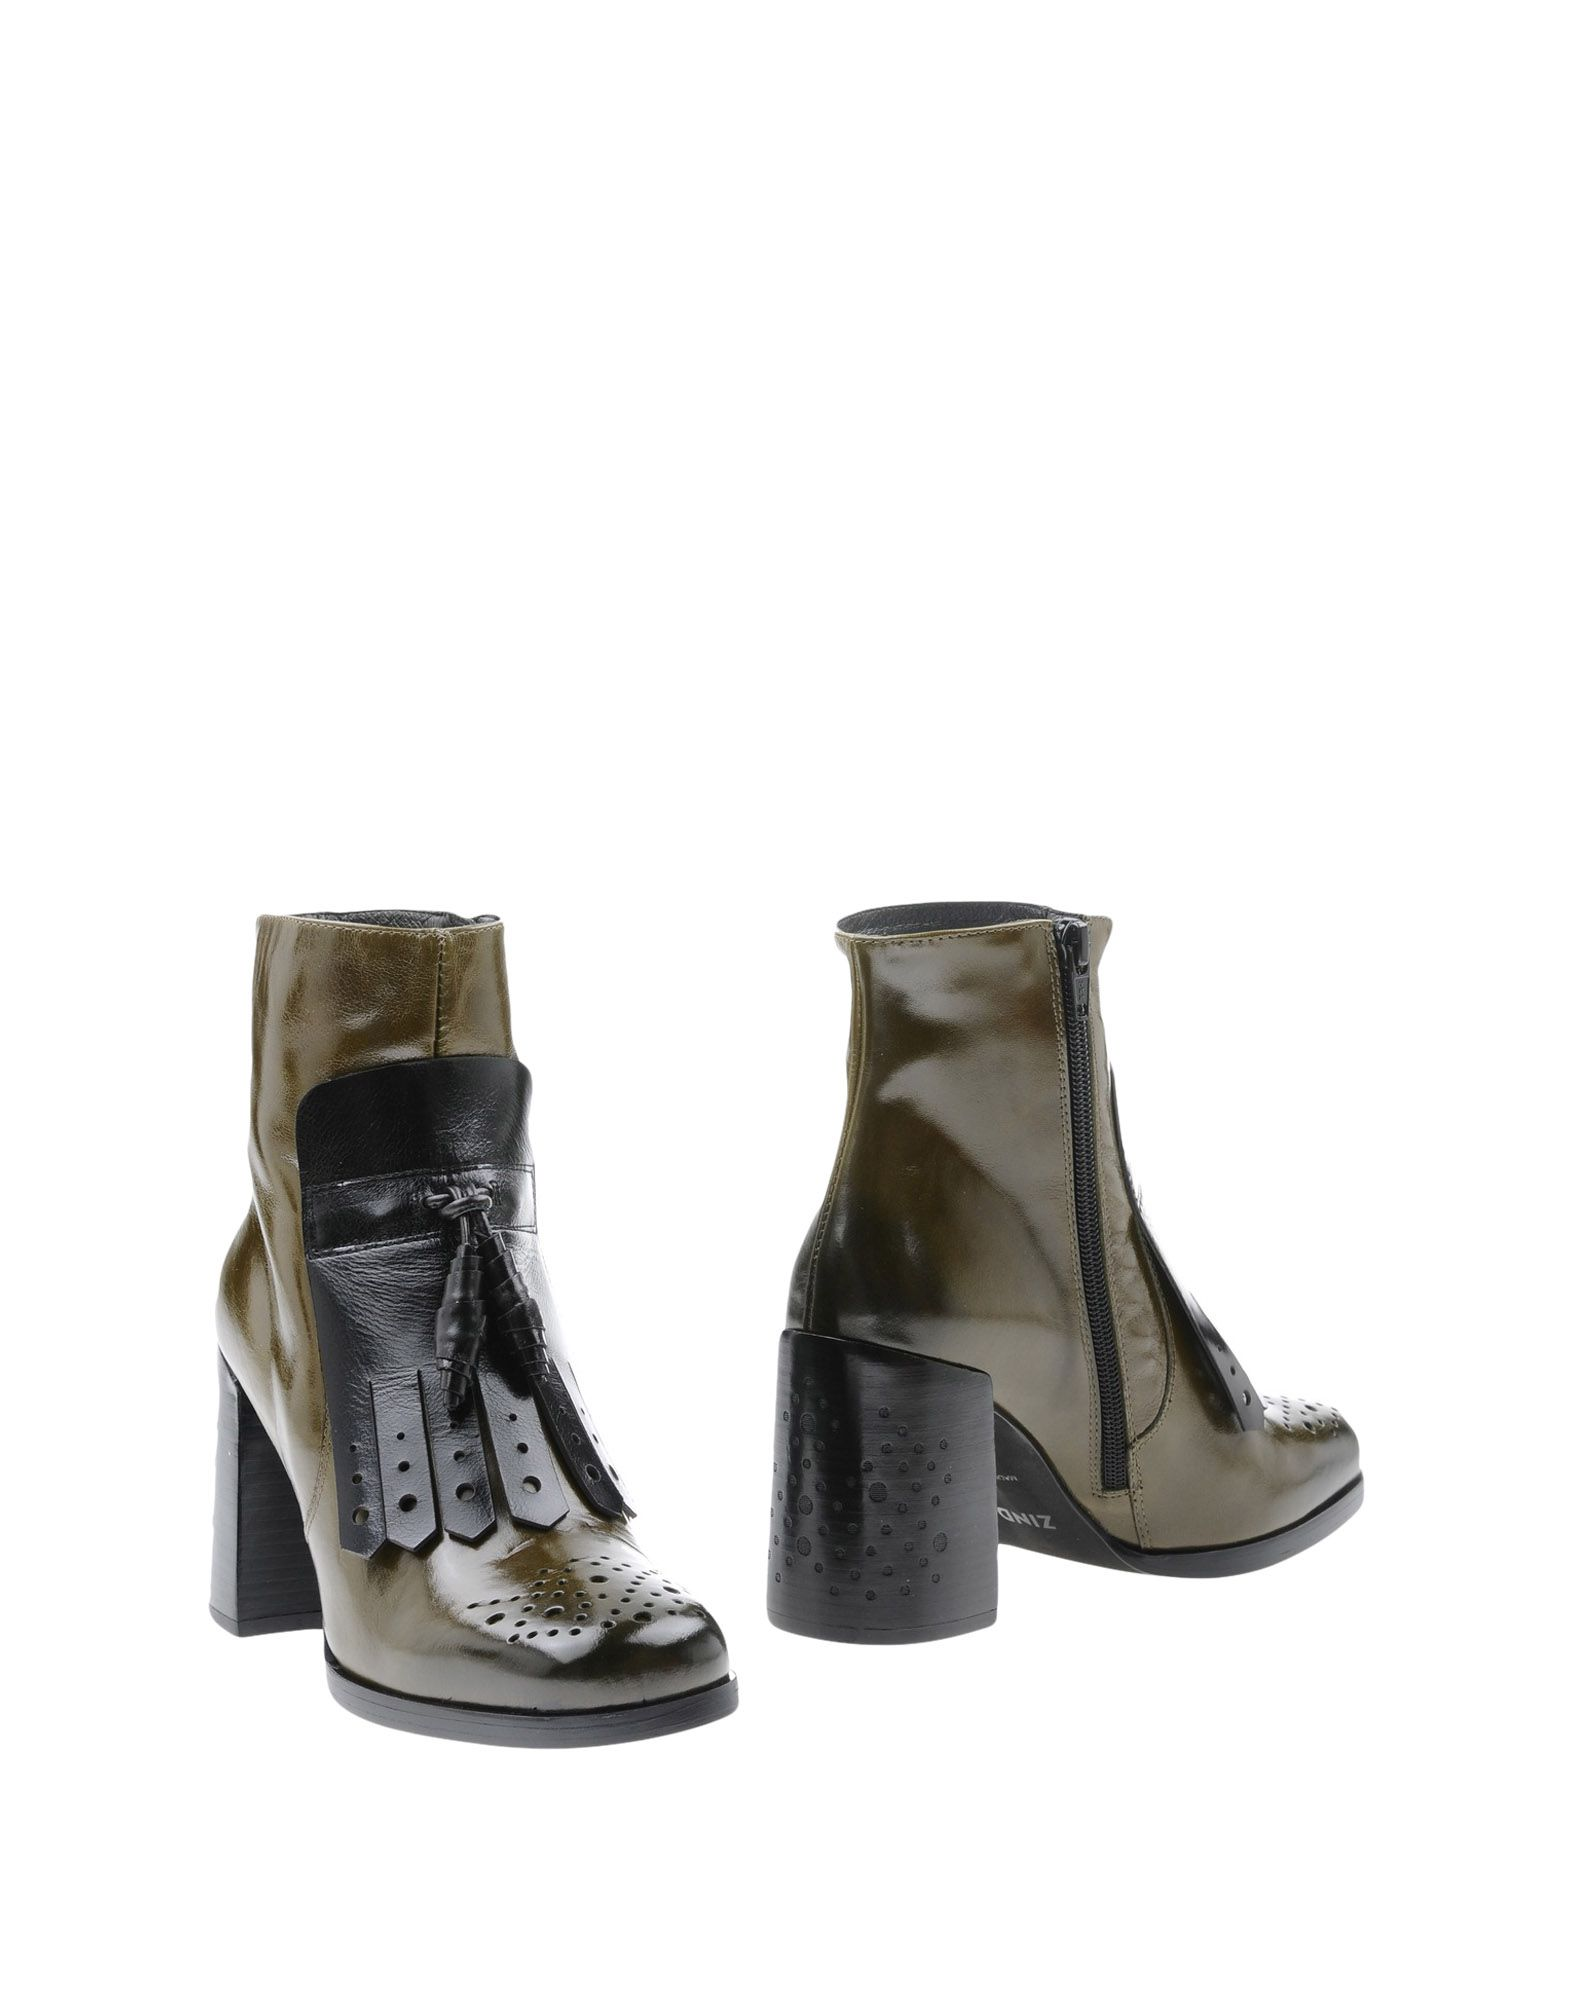 Zinda Stiefelette Damen  11343408TLGut aussehende strapazierfähige Schuhe